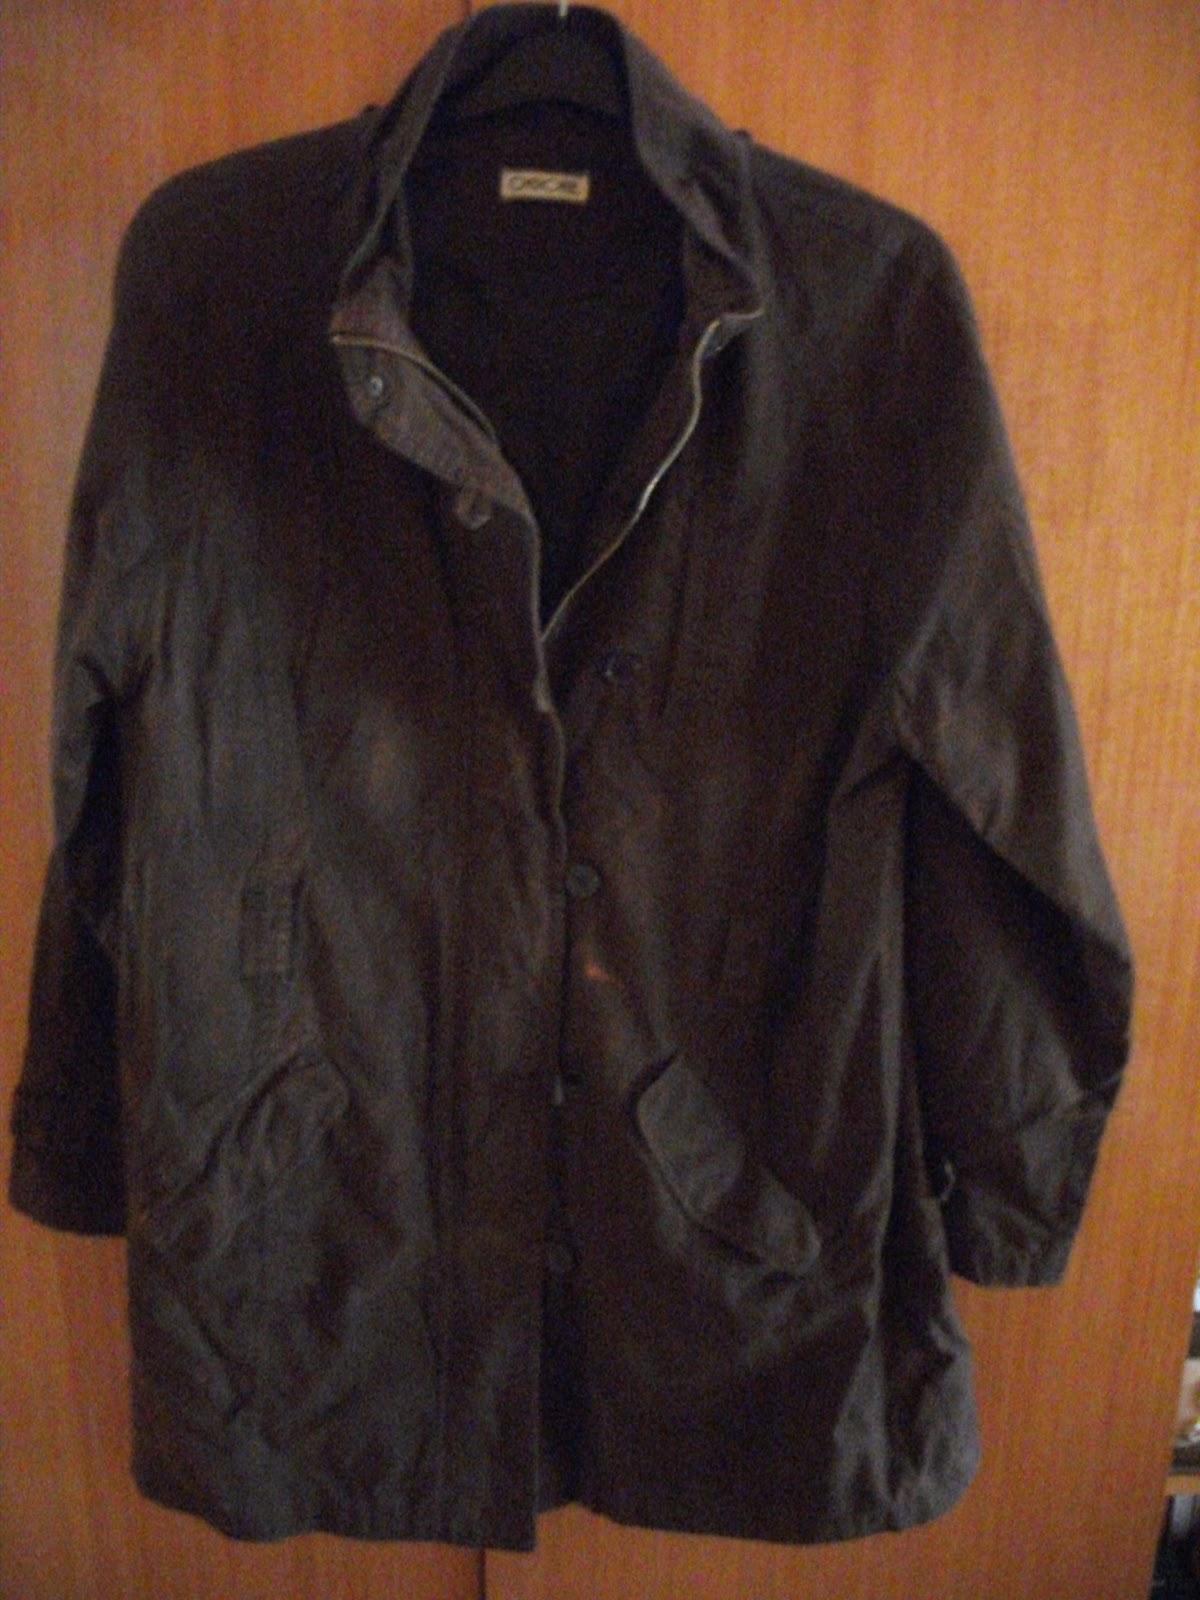 d6996077a7 Cherokee barna tavaszi/őszi kabát több helyen foltokkal+kapucni, 46-os méret.  1000 Ft